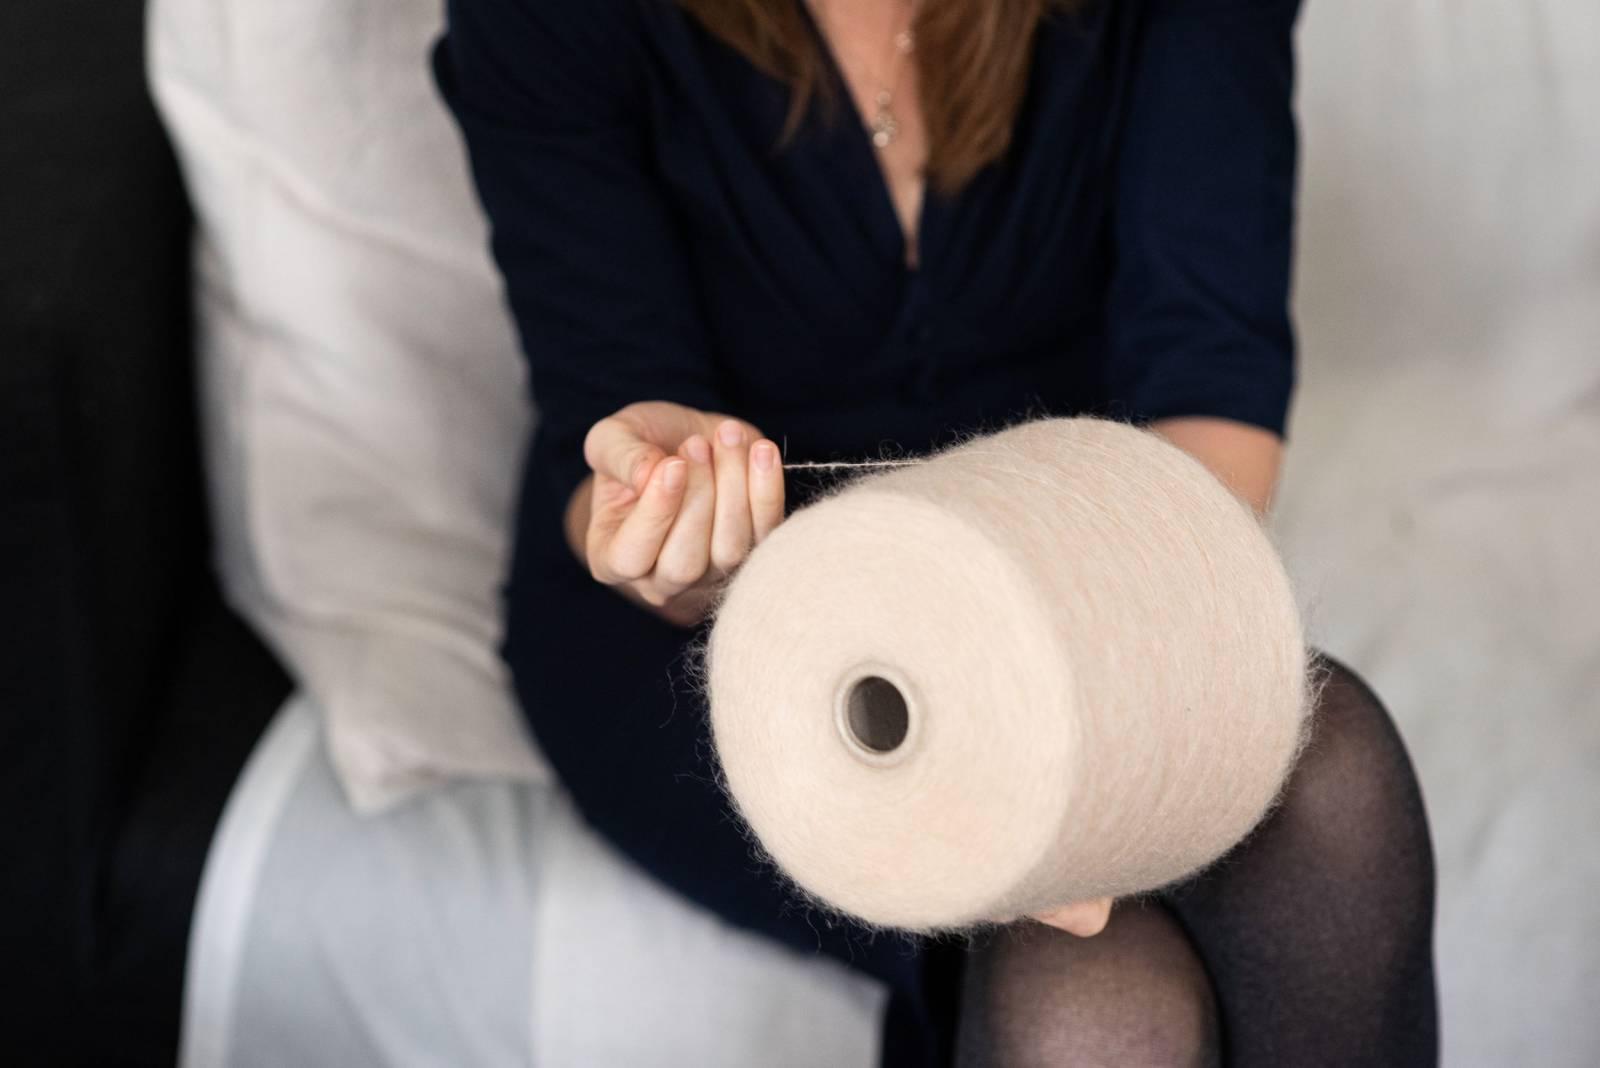 Lotte Van Huyck - Bridal Knitwear - Sjaals - Bridal workshop - Vrijgezellen activiteit - House of Weddings - 7